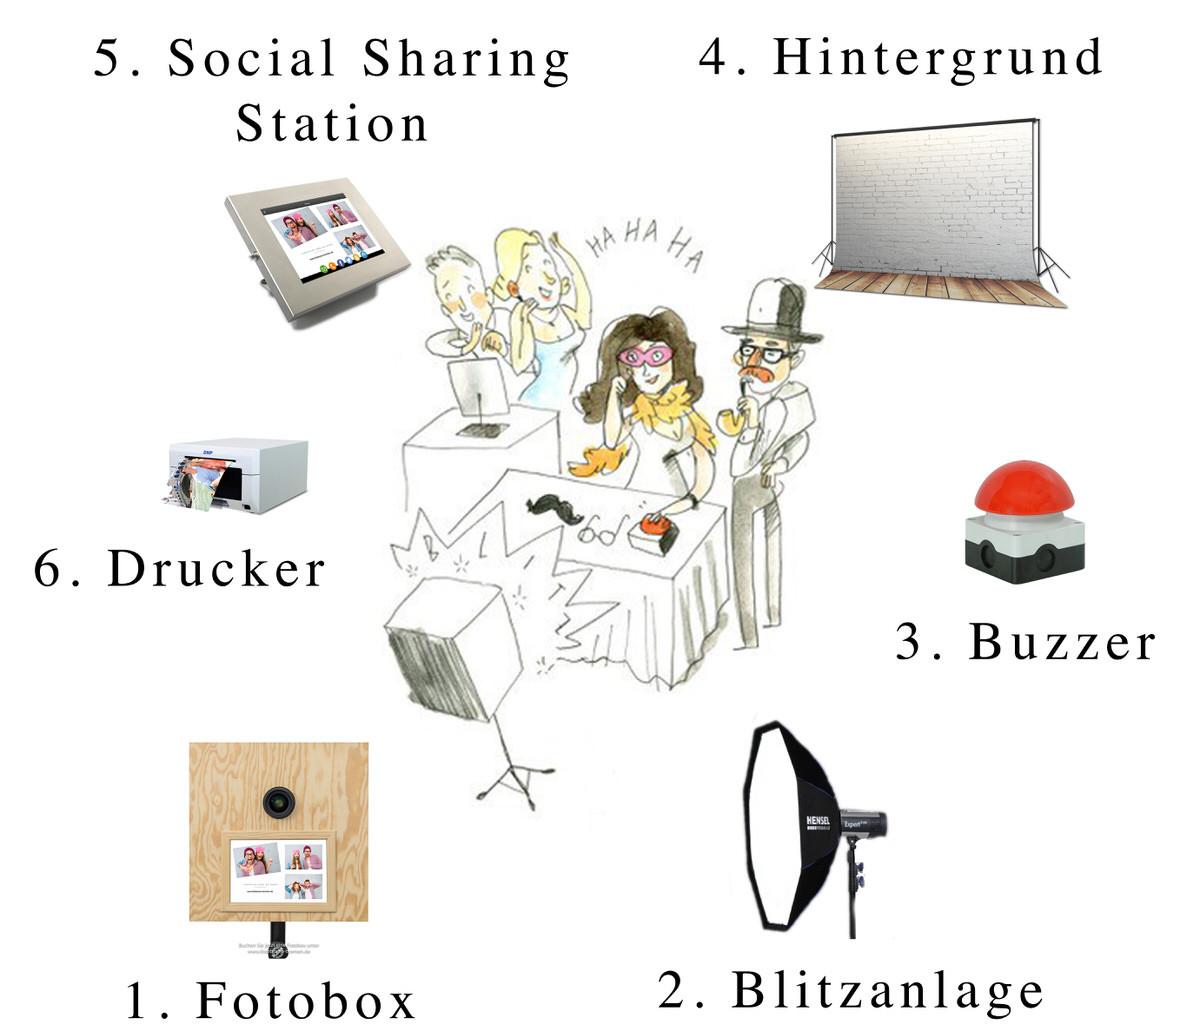 fotobox skizze - Fotobox Bremen mieten